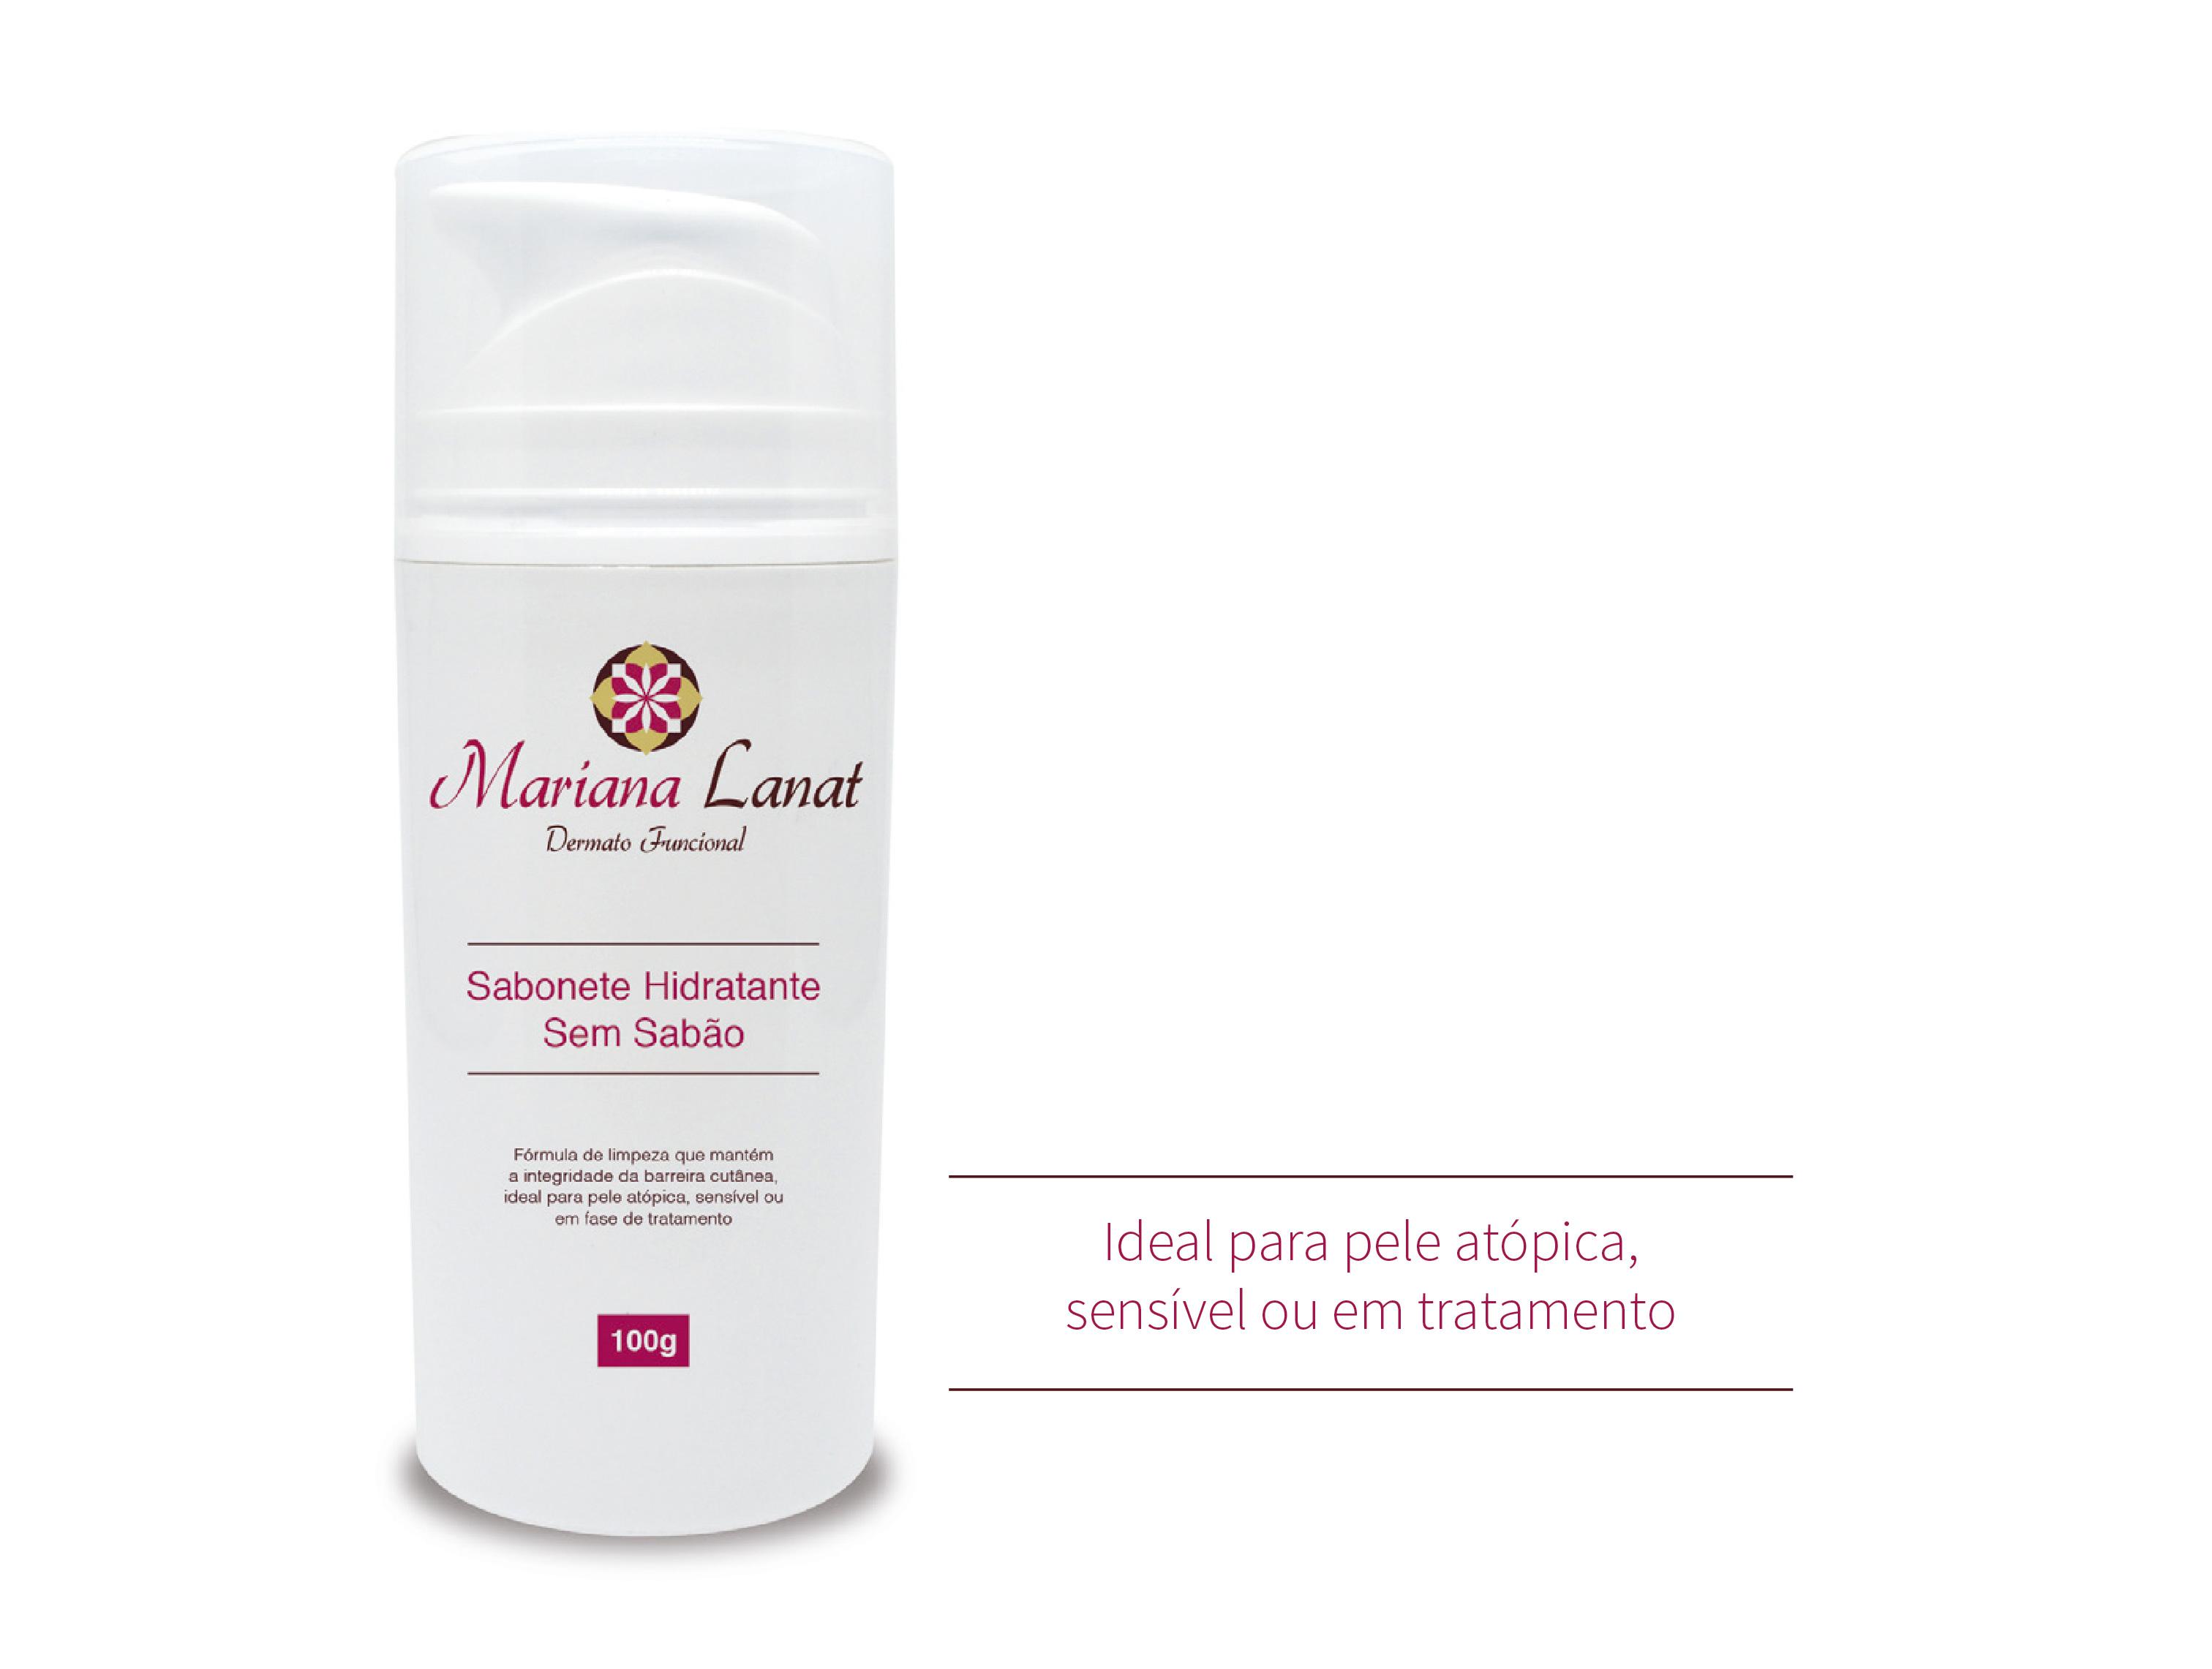 Fórmula de limpeza que mantém a integridade da barreira cutânea, ideal para pele atópica, sensível ou em fase de tratamento.